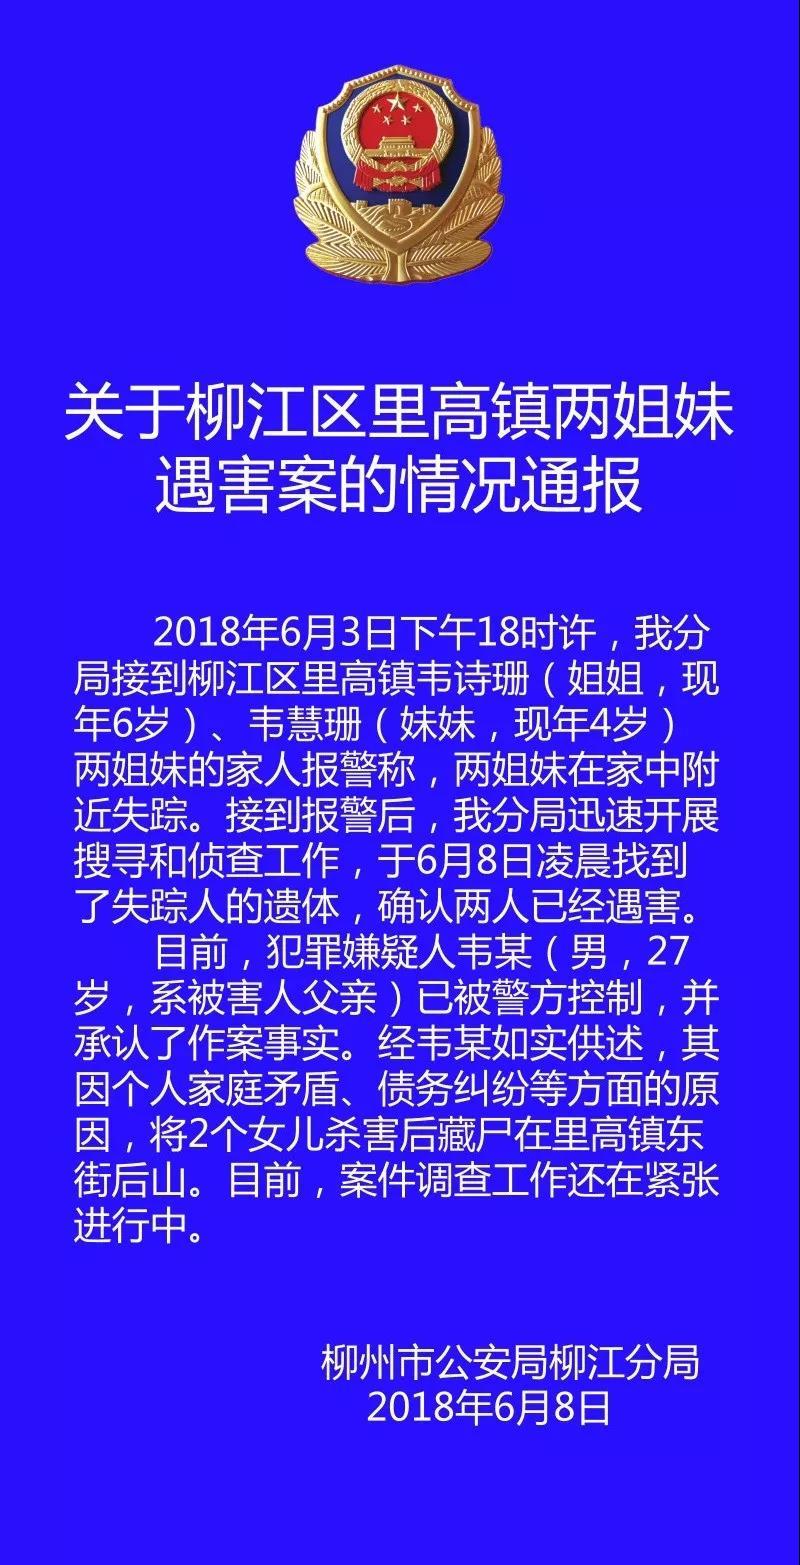 柳州警方通报 男子杀害2名亲生幼女藏尸山上